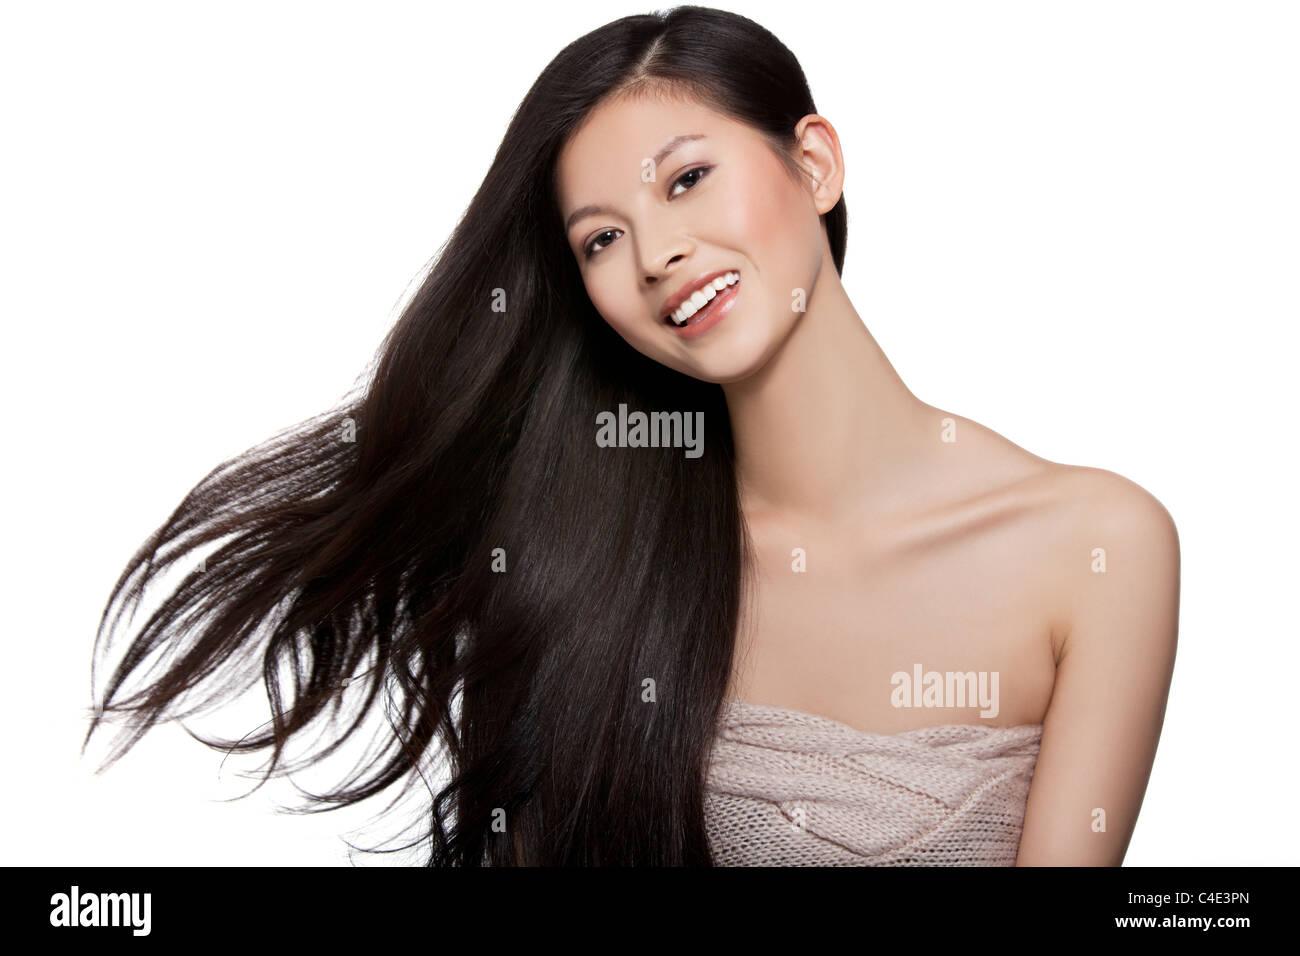 Junge Frau mit langen Haaren, die in der Luft weht Stockbild